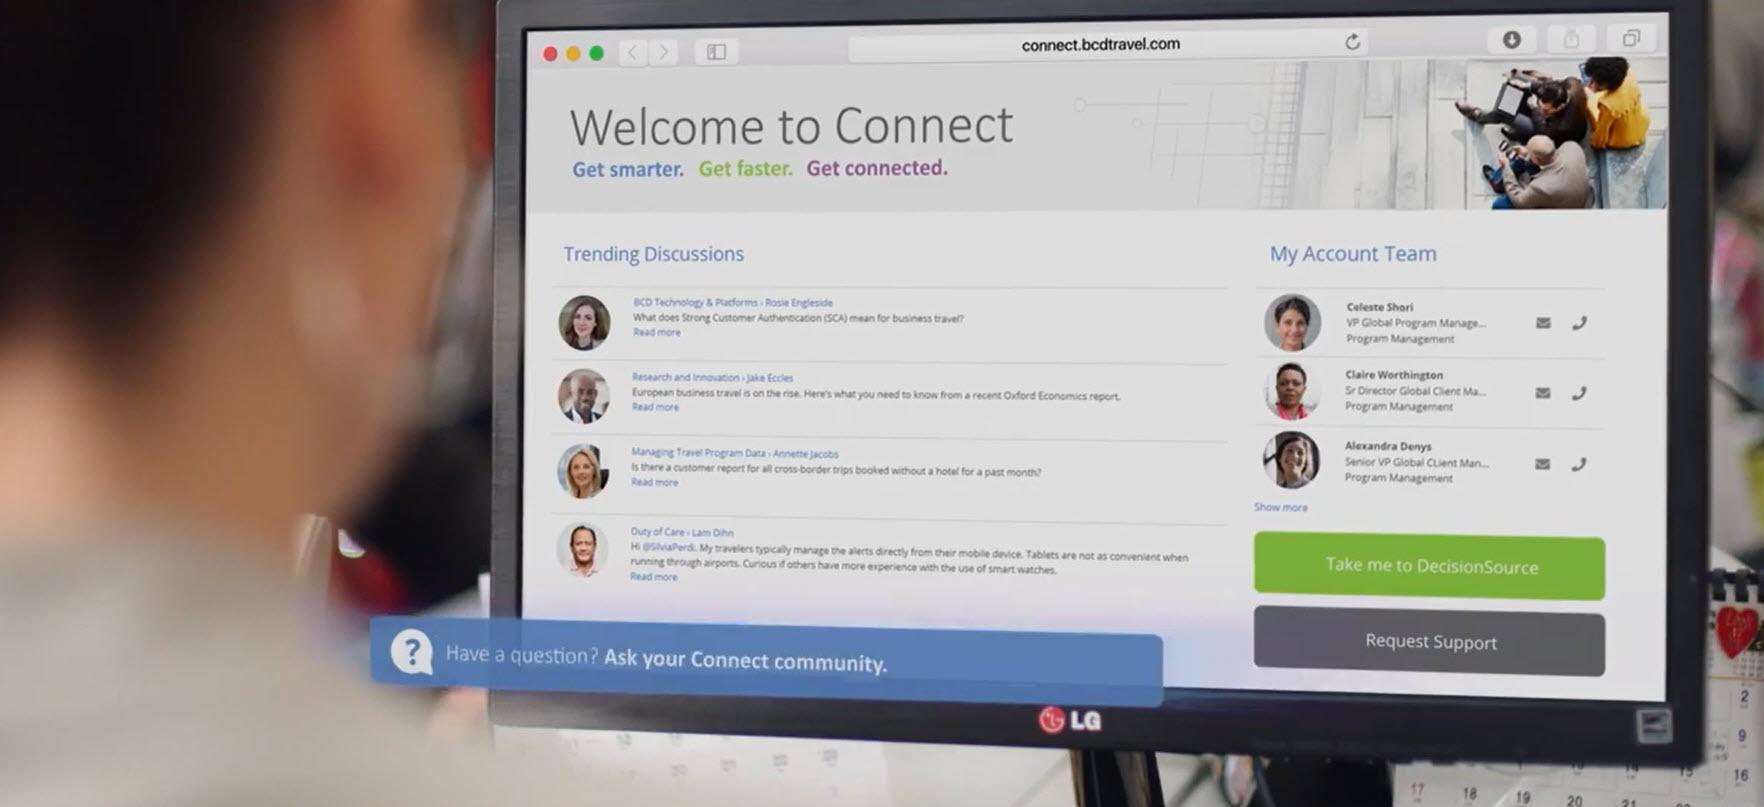 BCD Travel nye Connect-koncept er allerede tilgængelig for en gruppe kunder og vil gradvist de næste uger blive rullet ud til alle kunder på BCD Travels markeder, også i Danmark. Illustration: BCD Travel.